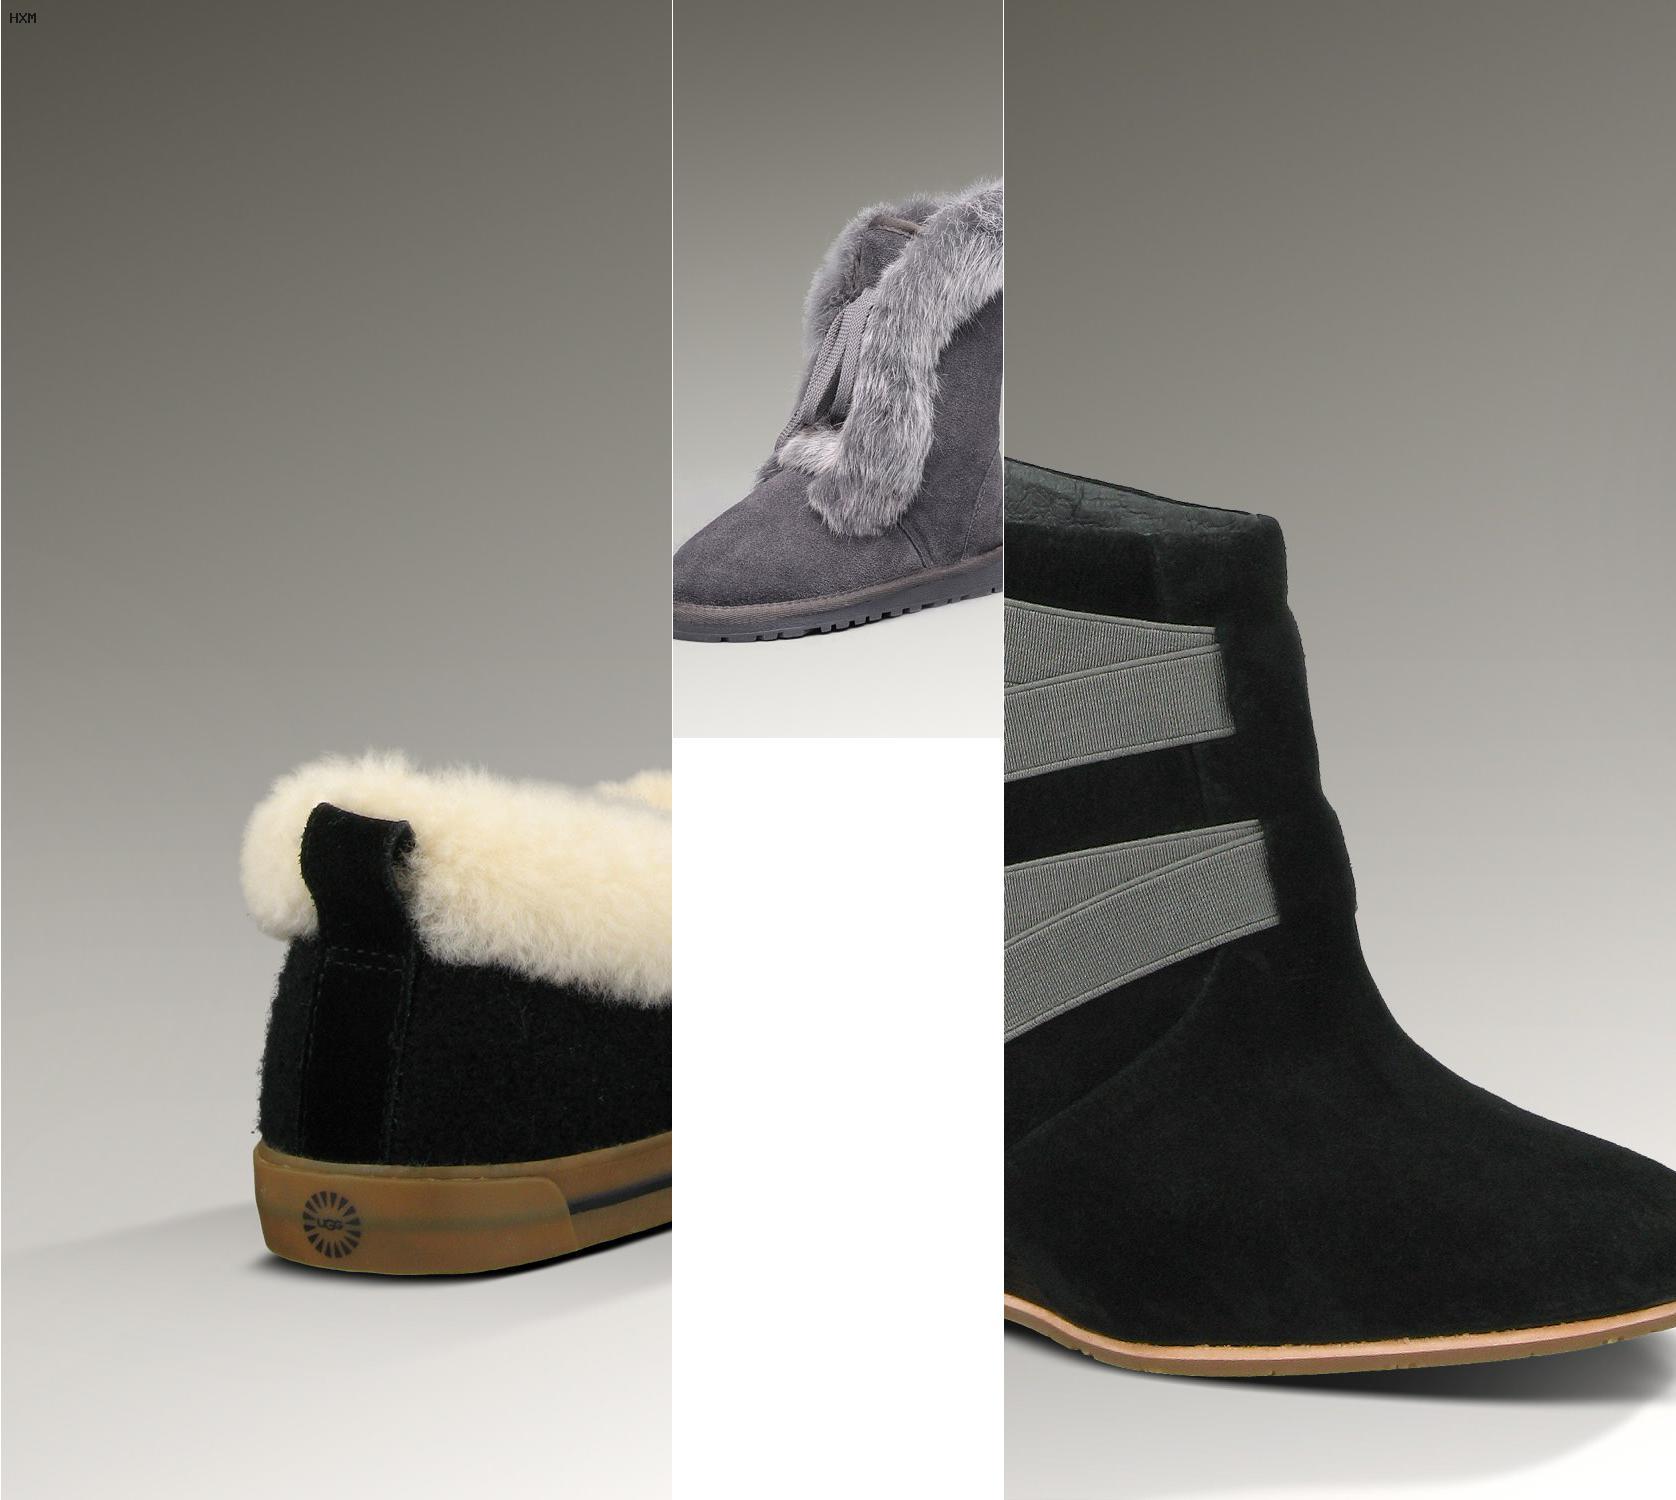 zapaterias con botas ugg en madrid